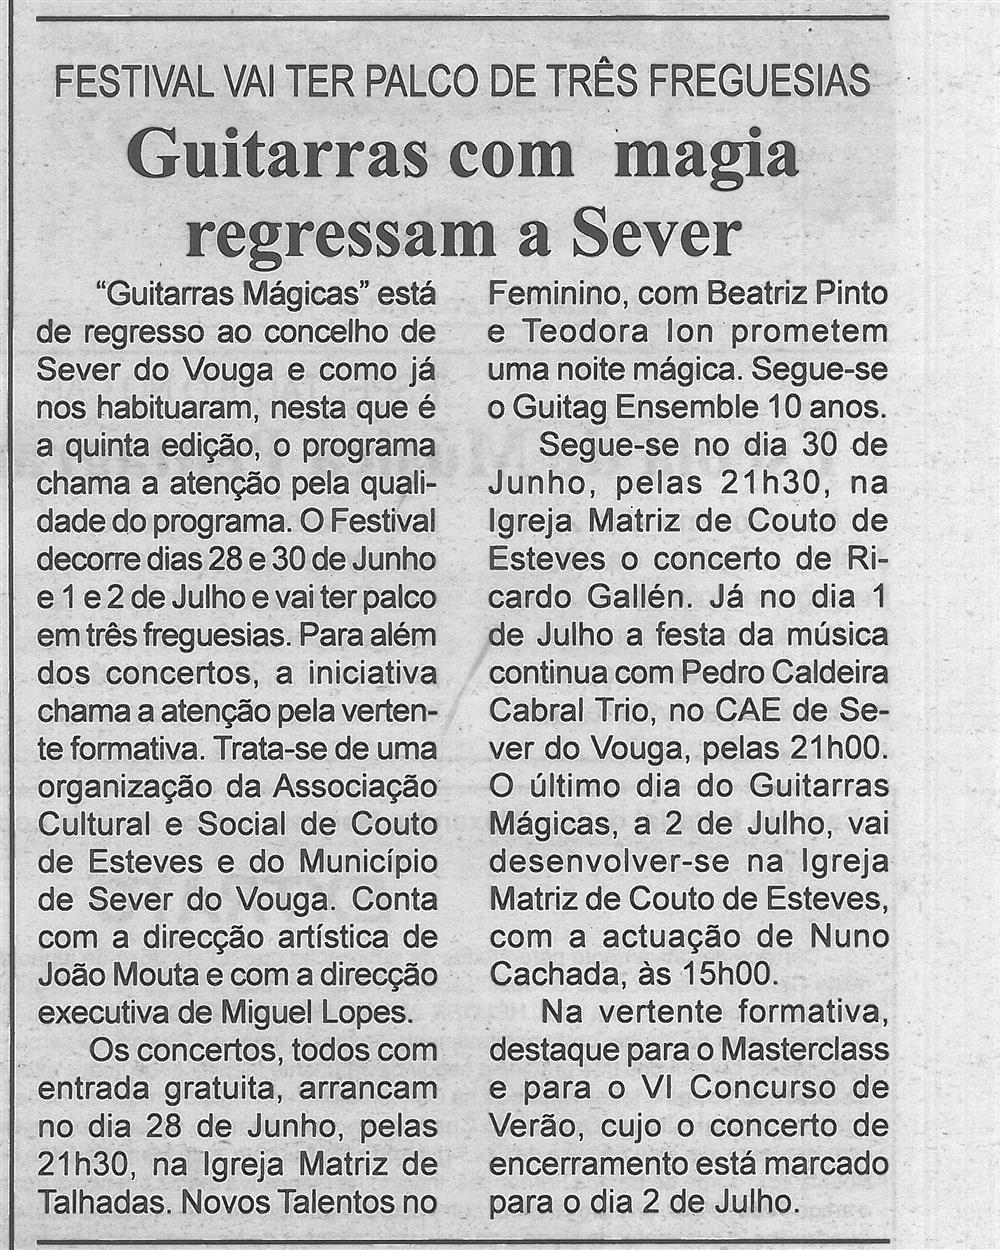 BV-2.ªjun.'17-p.5-Guitarras com magia regressam a Sever : festival vai ter palco de três freguesias.jpg